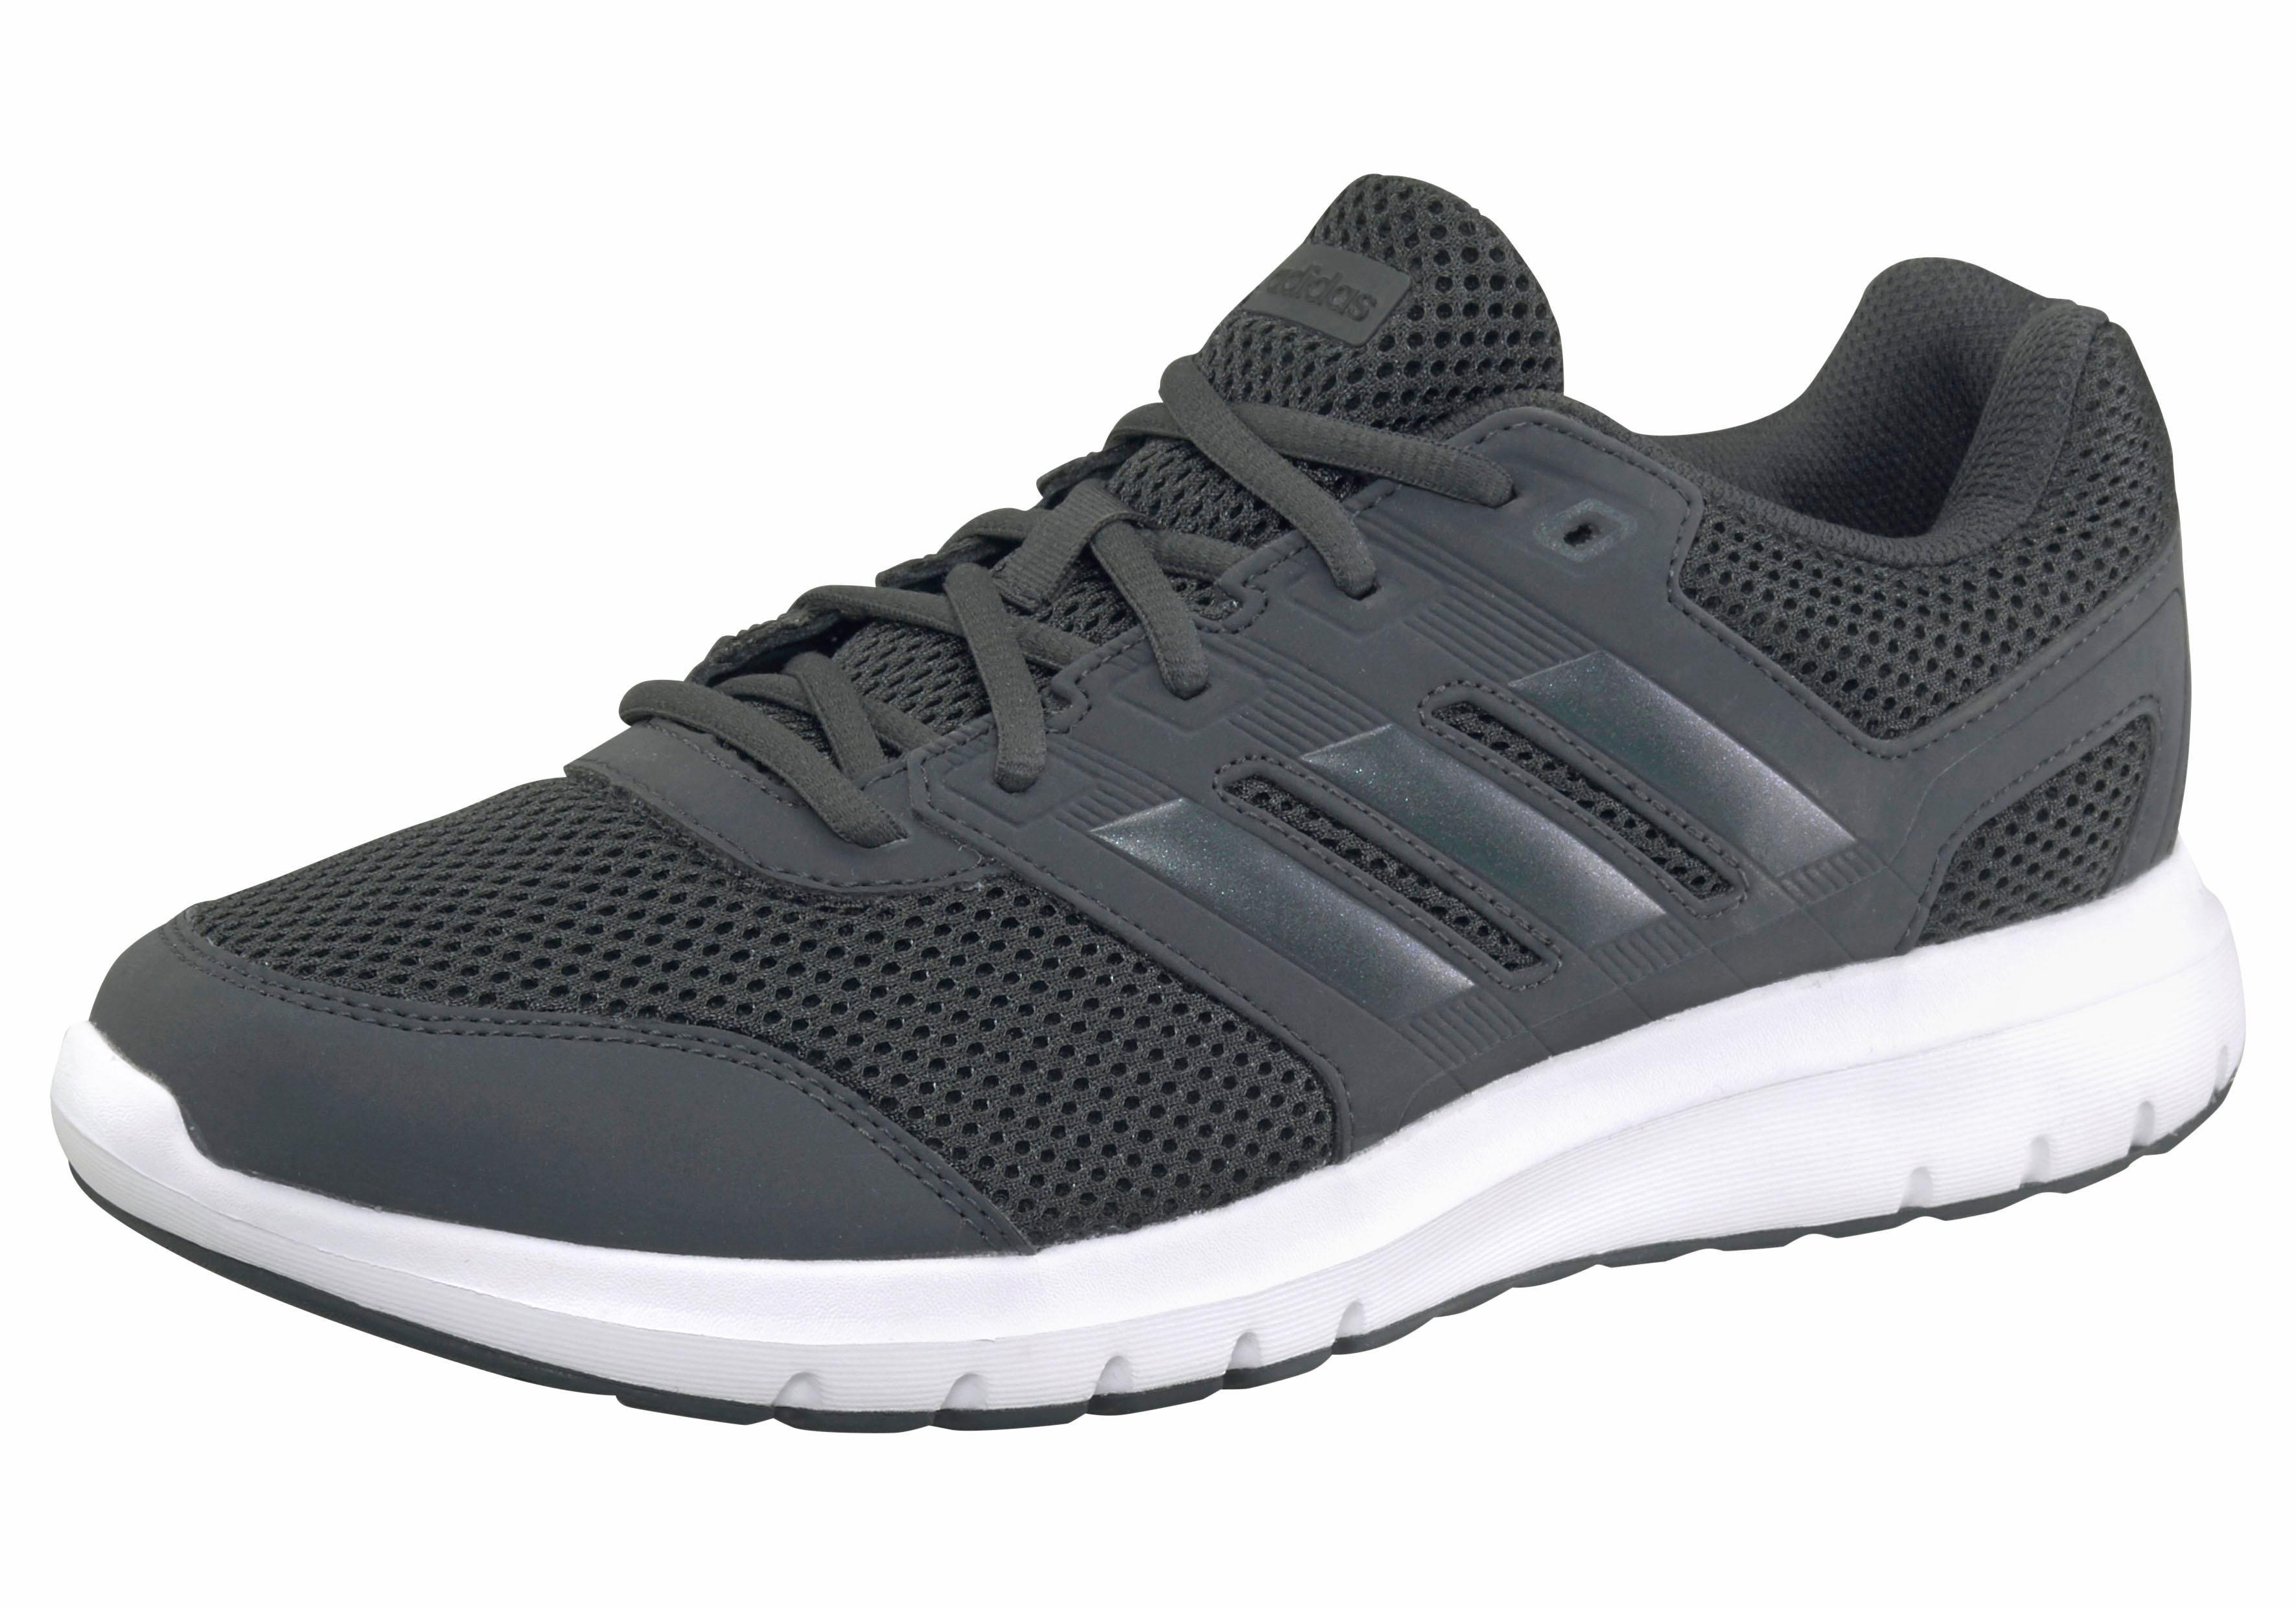 new arrivals 0ab7b 42425 ... Nike runningschoenen »Flex Contact 2«, adidas runningschoenen »Duramo 9«